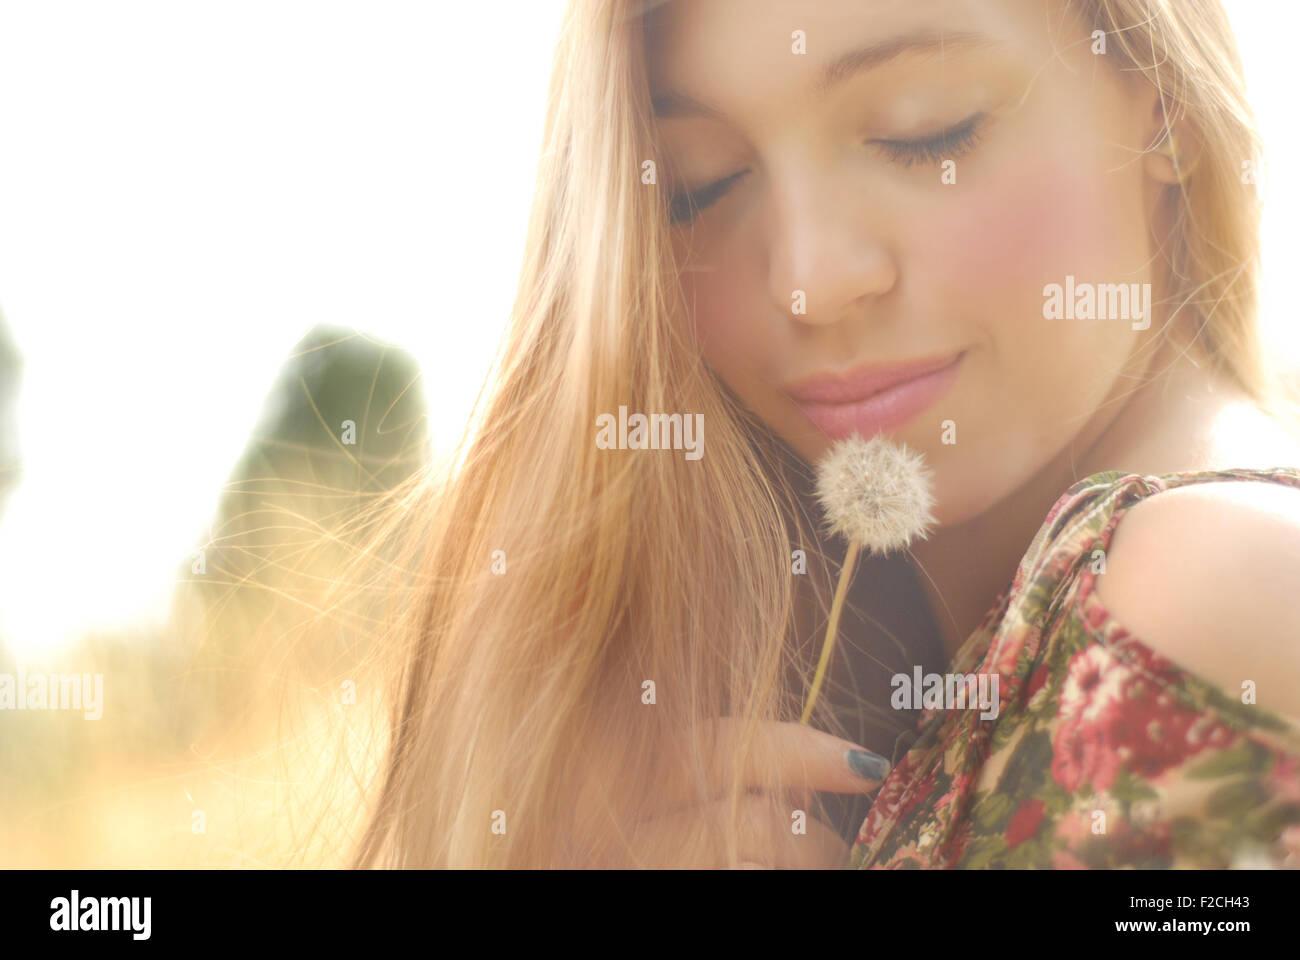 Belle blonde à l'extérieur avec le pissenlit fille avec la belle peau et visage belle fille de l'amour Photo Stock